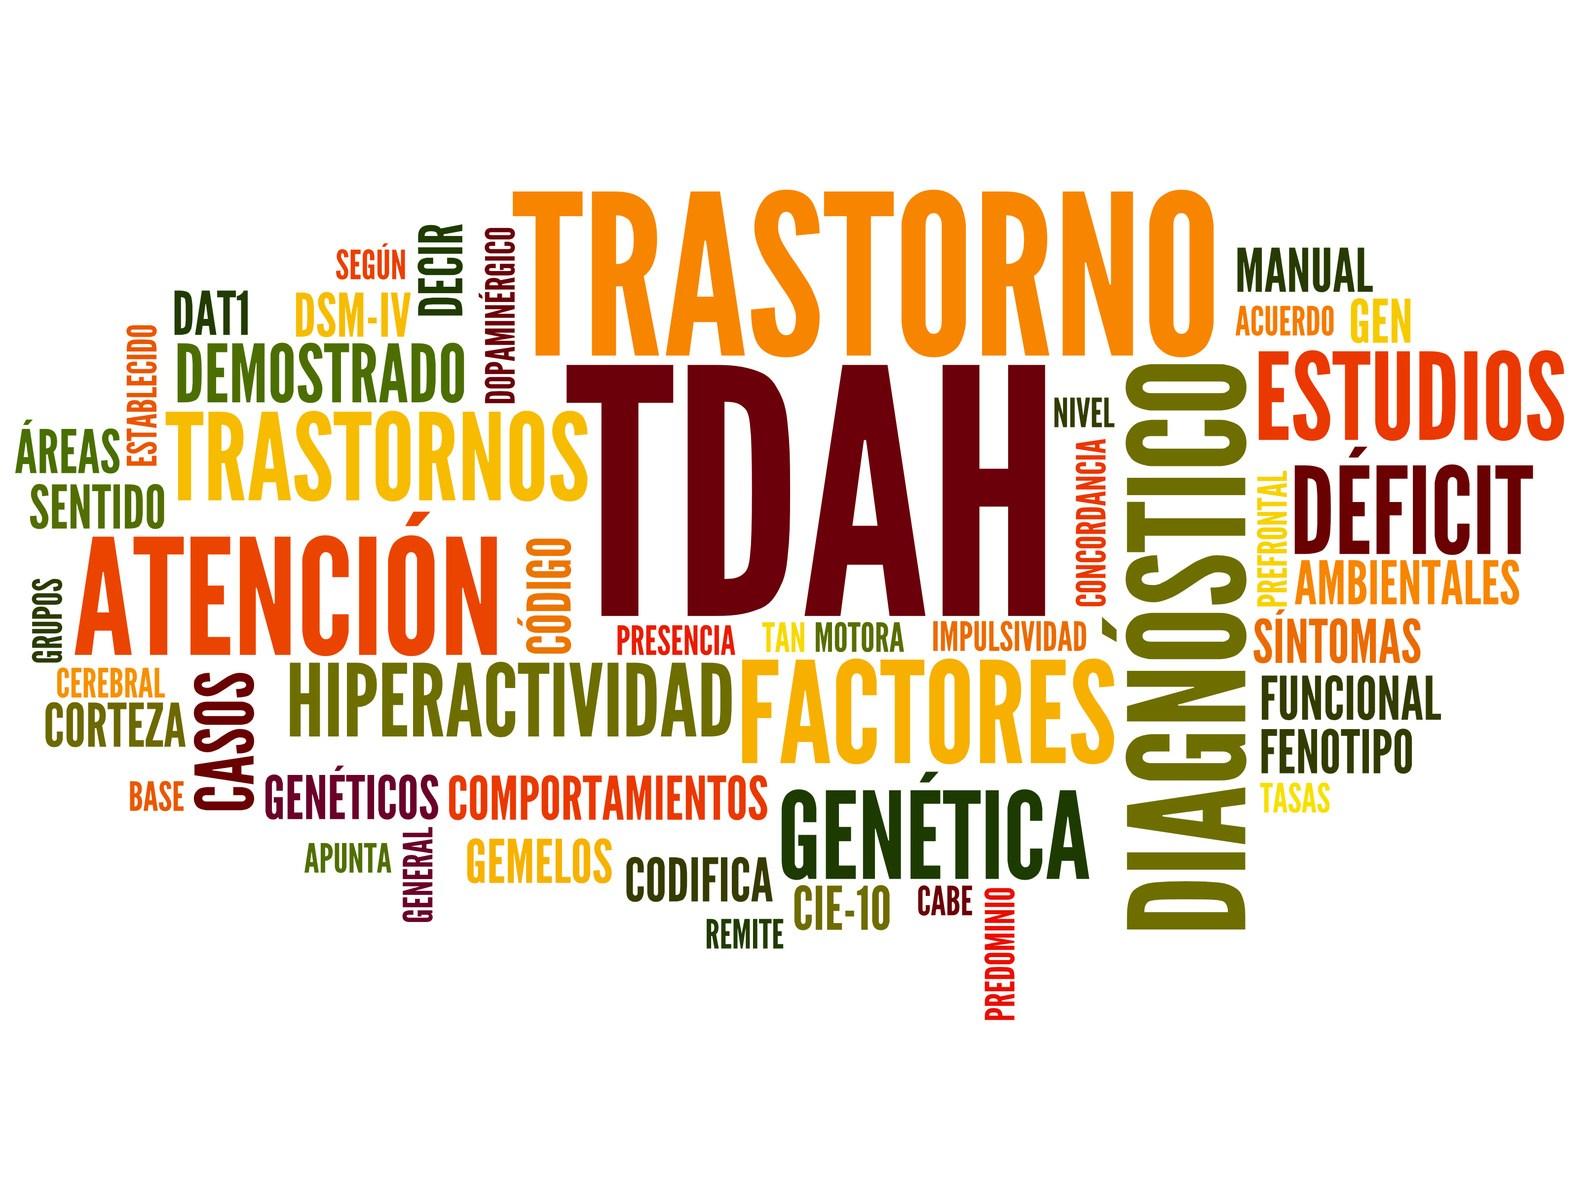 Tratamiento farmacológico del TDAH